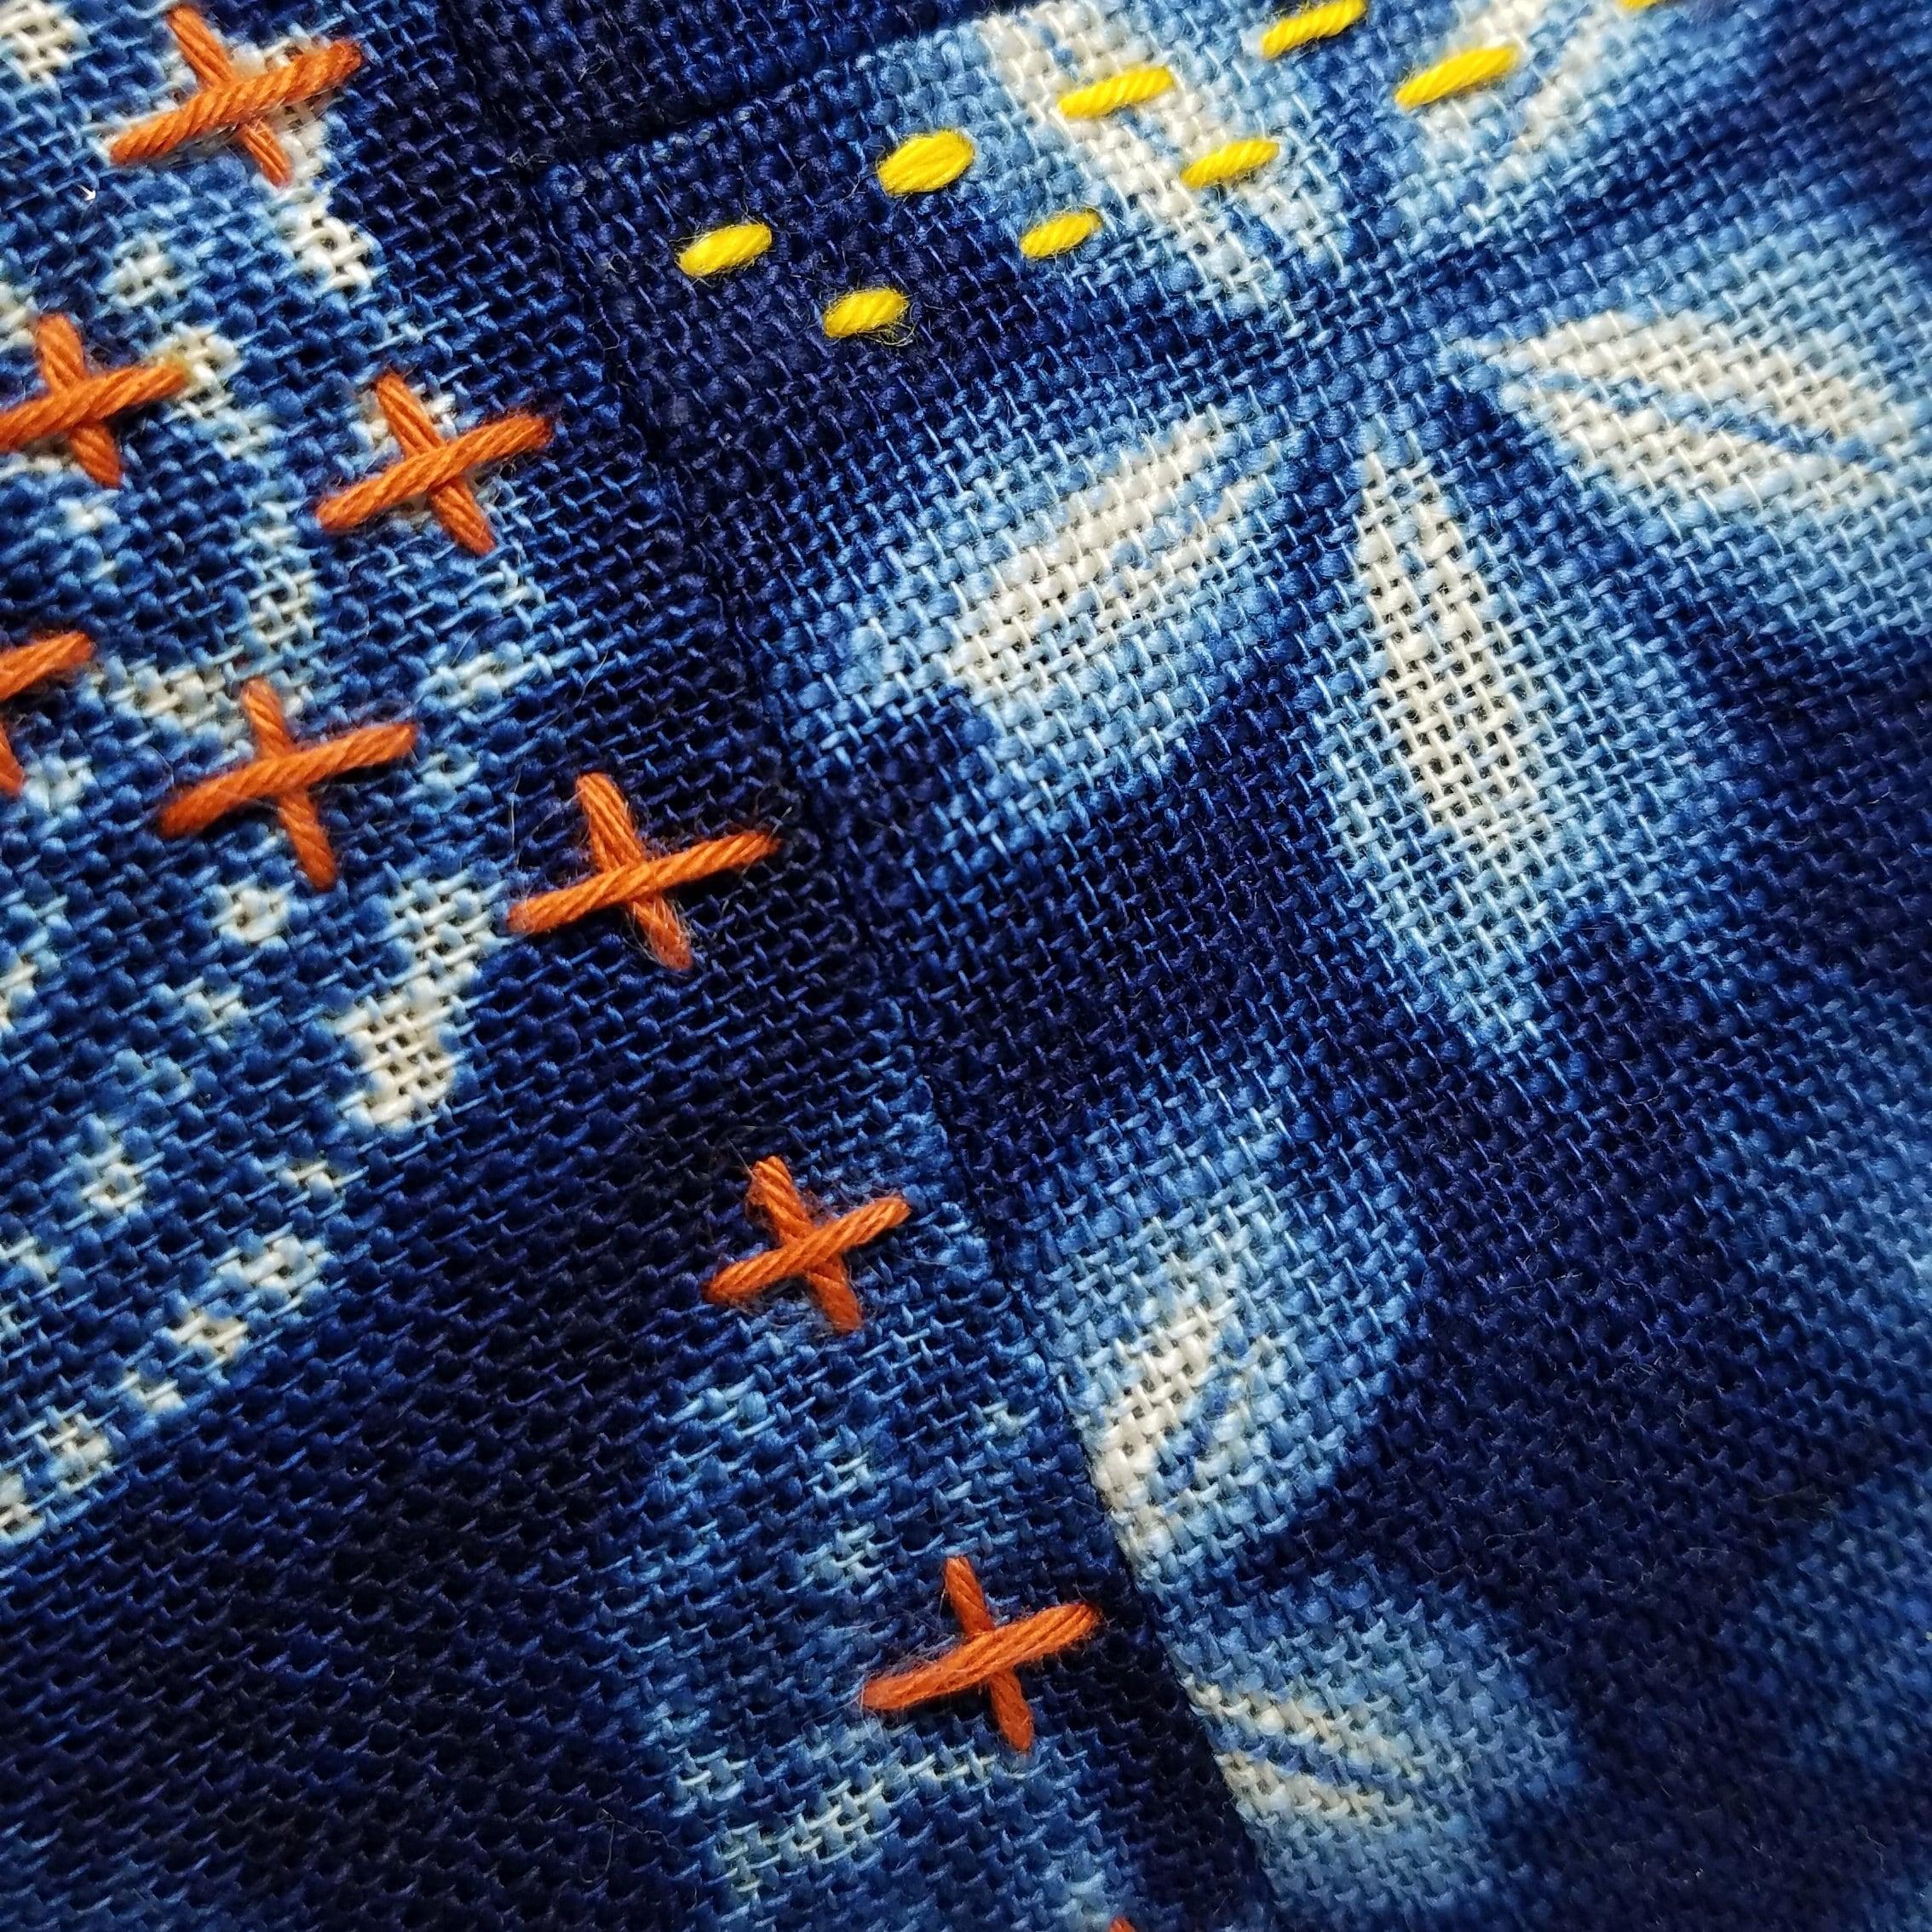 sashiko stitching on komebukuro